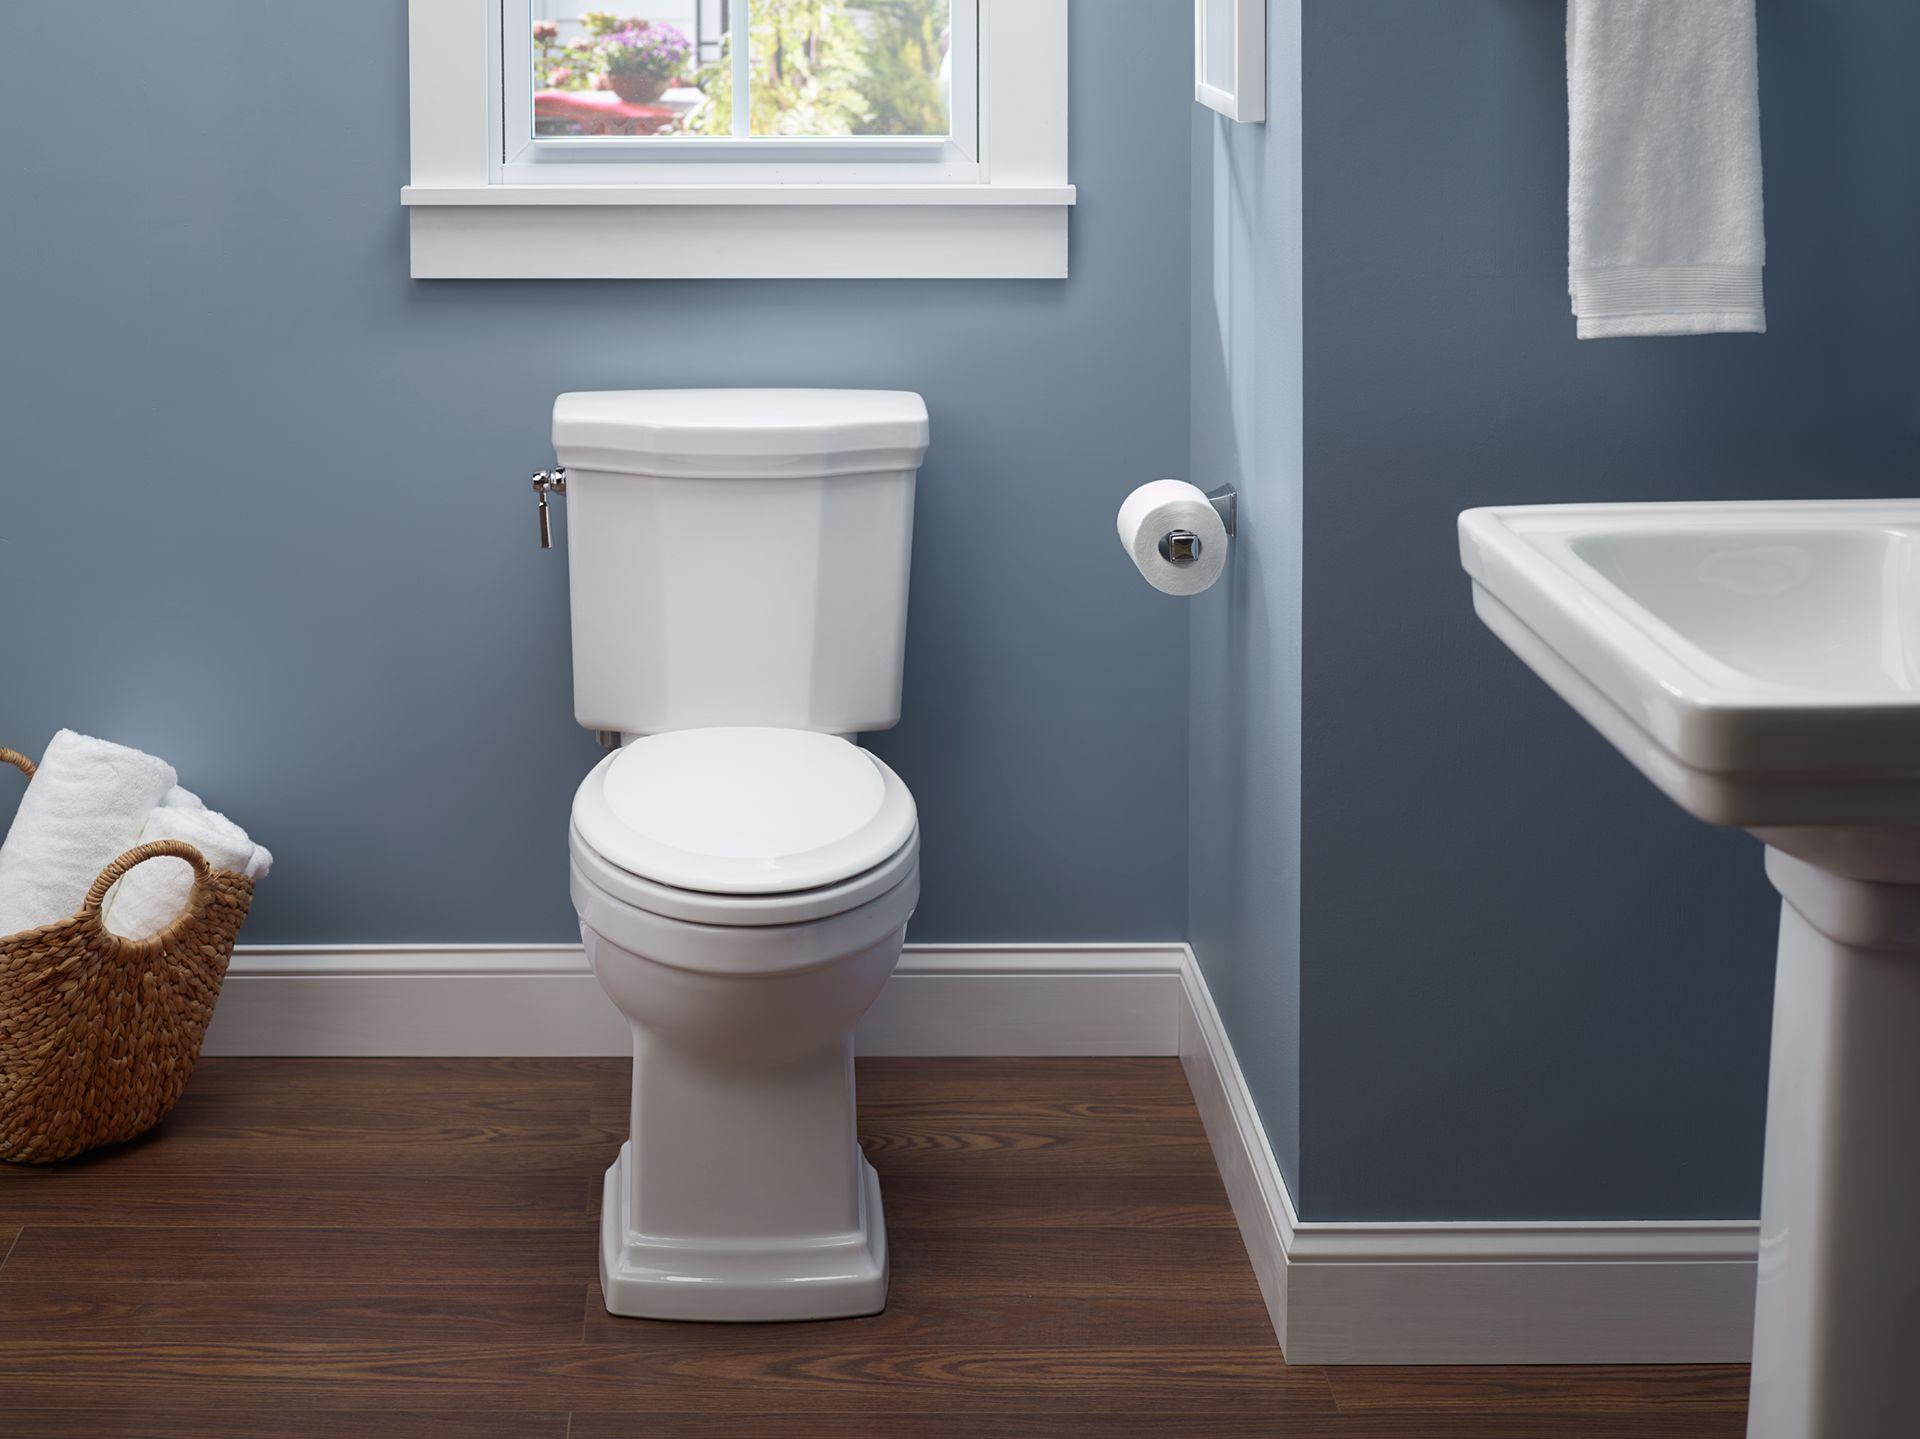 Promenade II Two Piece Toilet 1 28 GPF TotoUSA